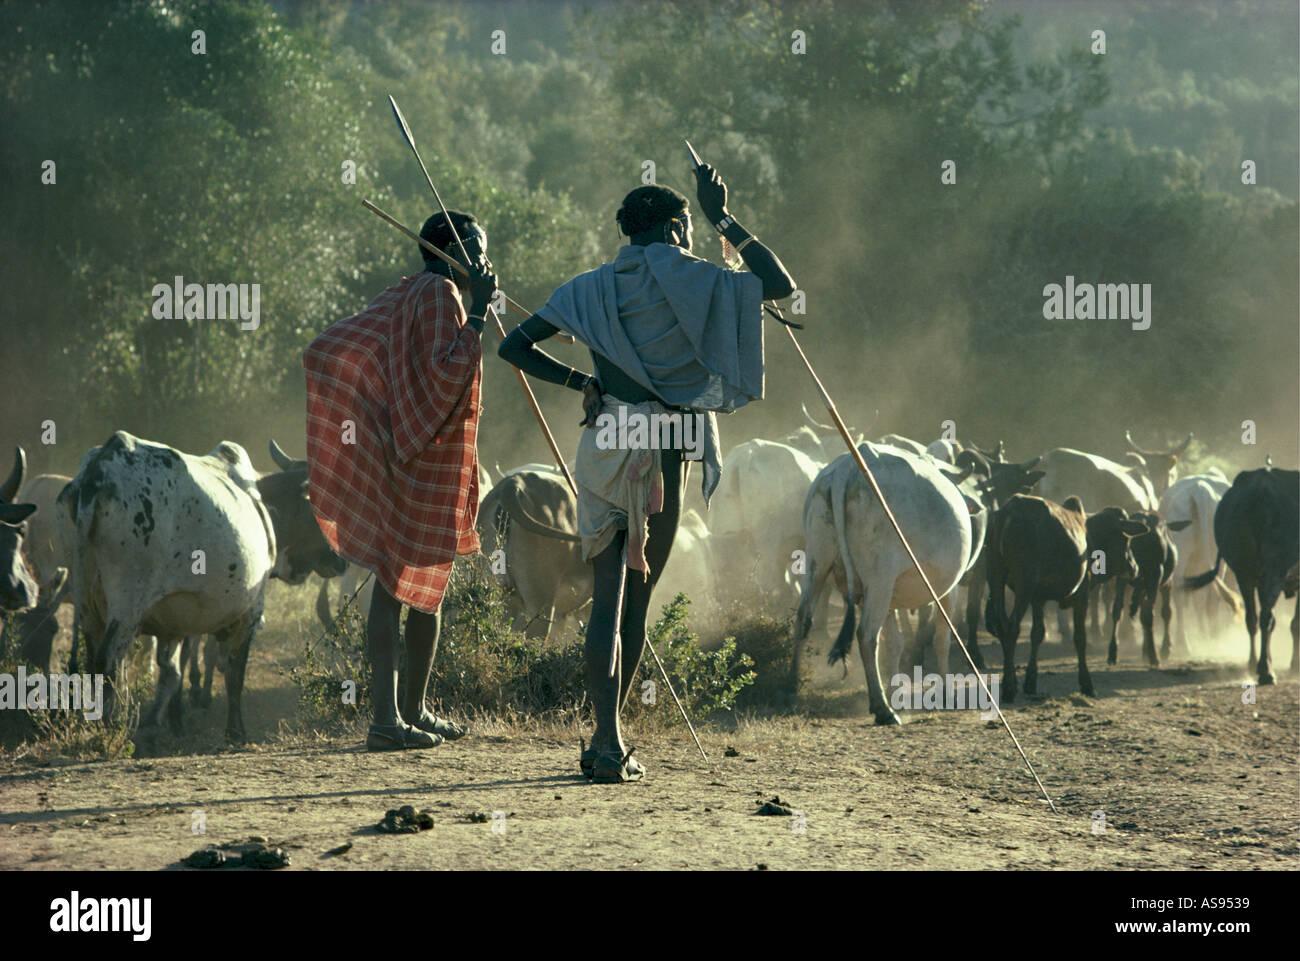 Deux guerriers Samburu ou moran s'appuyer sur leurs lances pour regarder leur bétail du nord de l'Afrique de l'Est Kenya Maralal Photo Stock